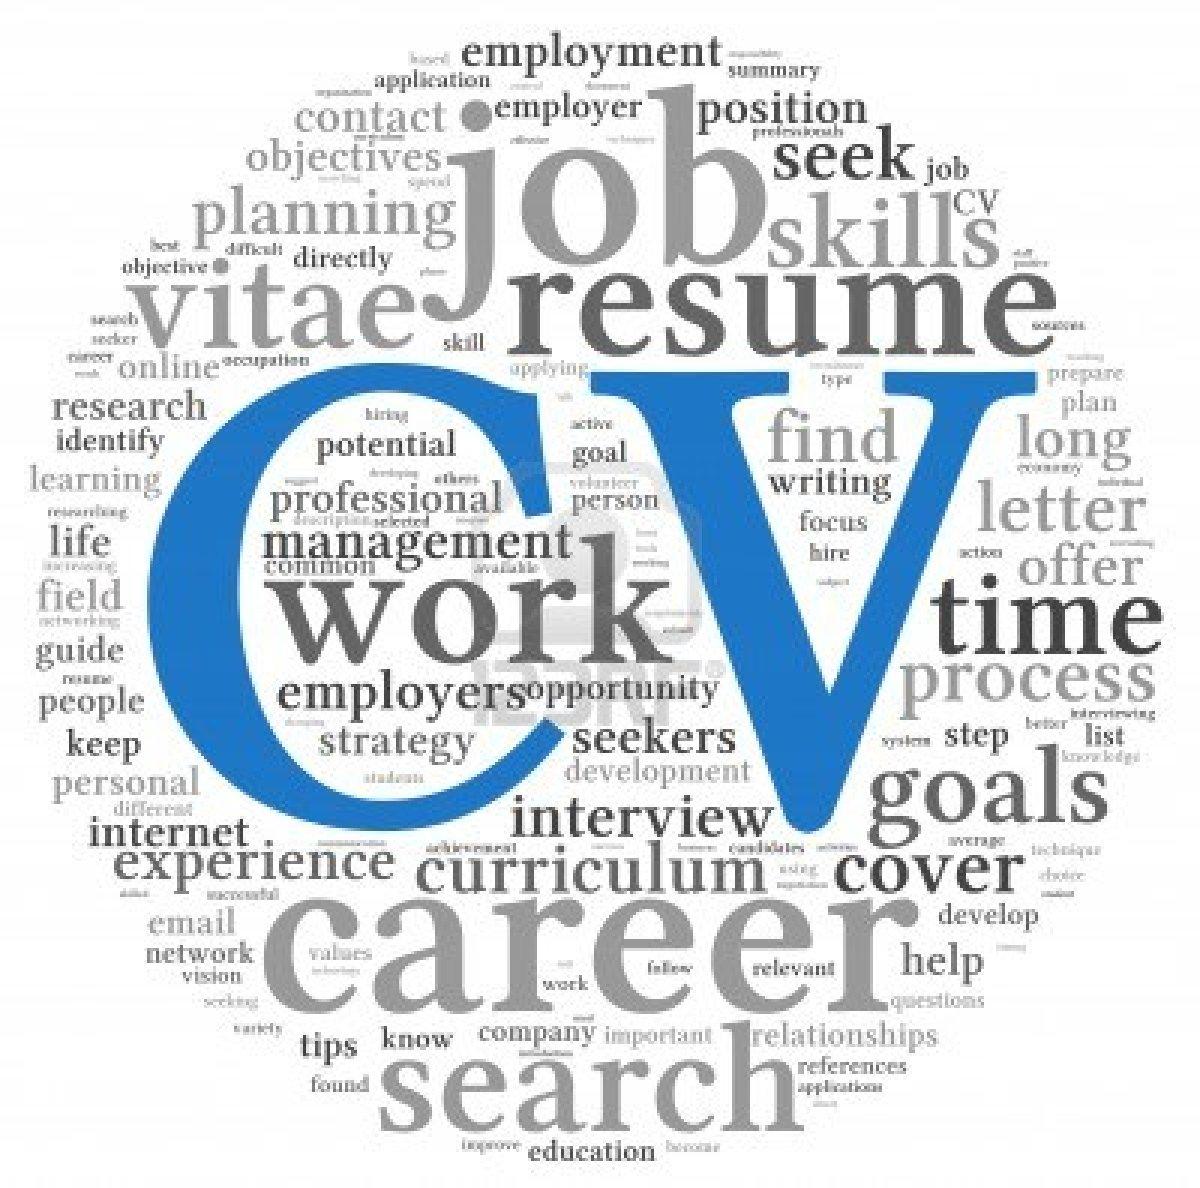 De ce trebuie sa ai CV-ul cat mai actualizat